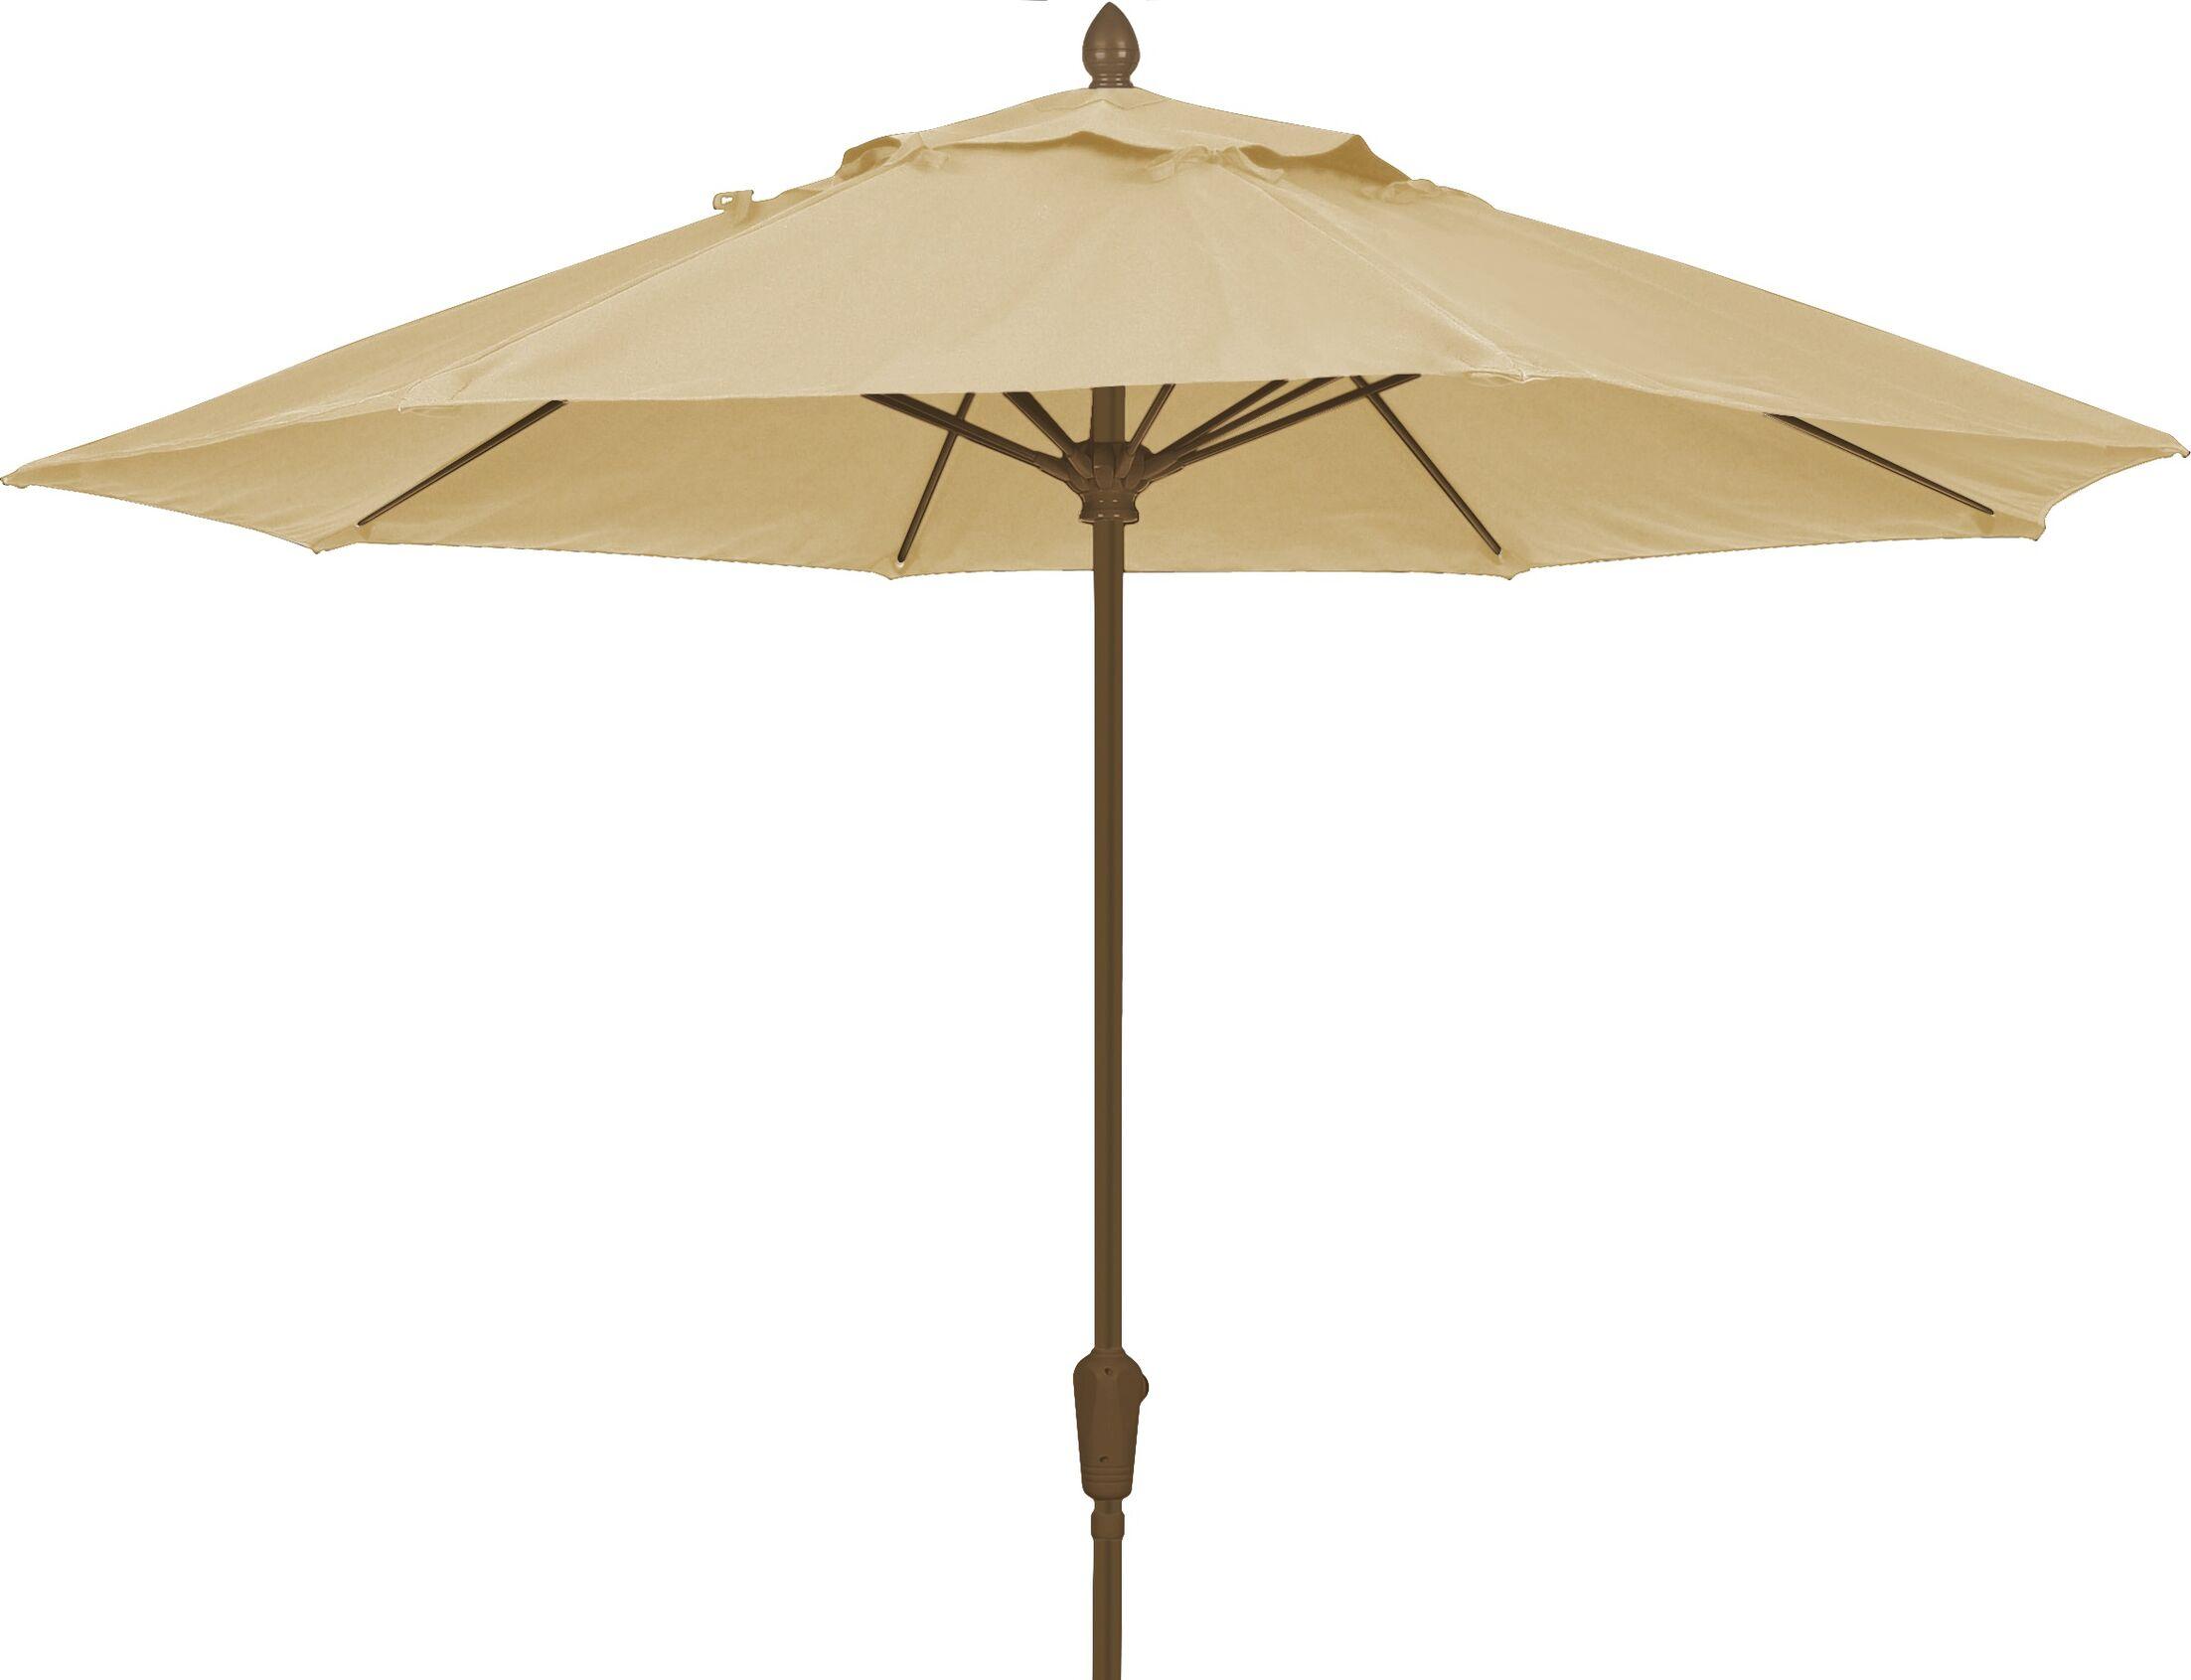 Prestige 7.5' Market Umbrella Frame Finish: Champagne Bronze, Fabric: Linen